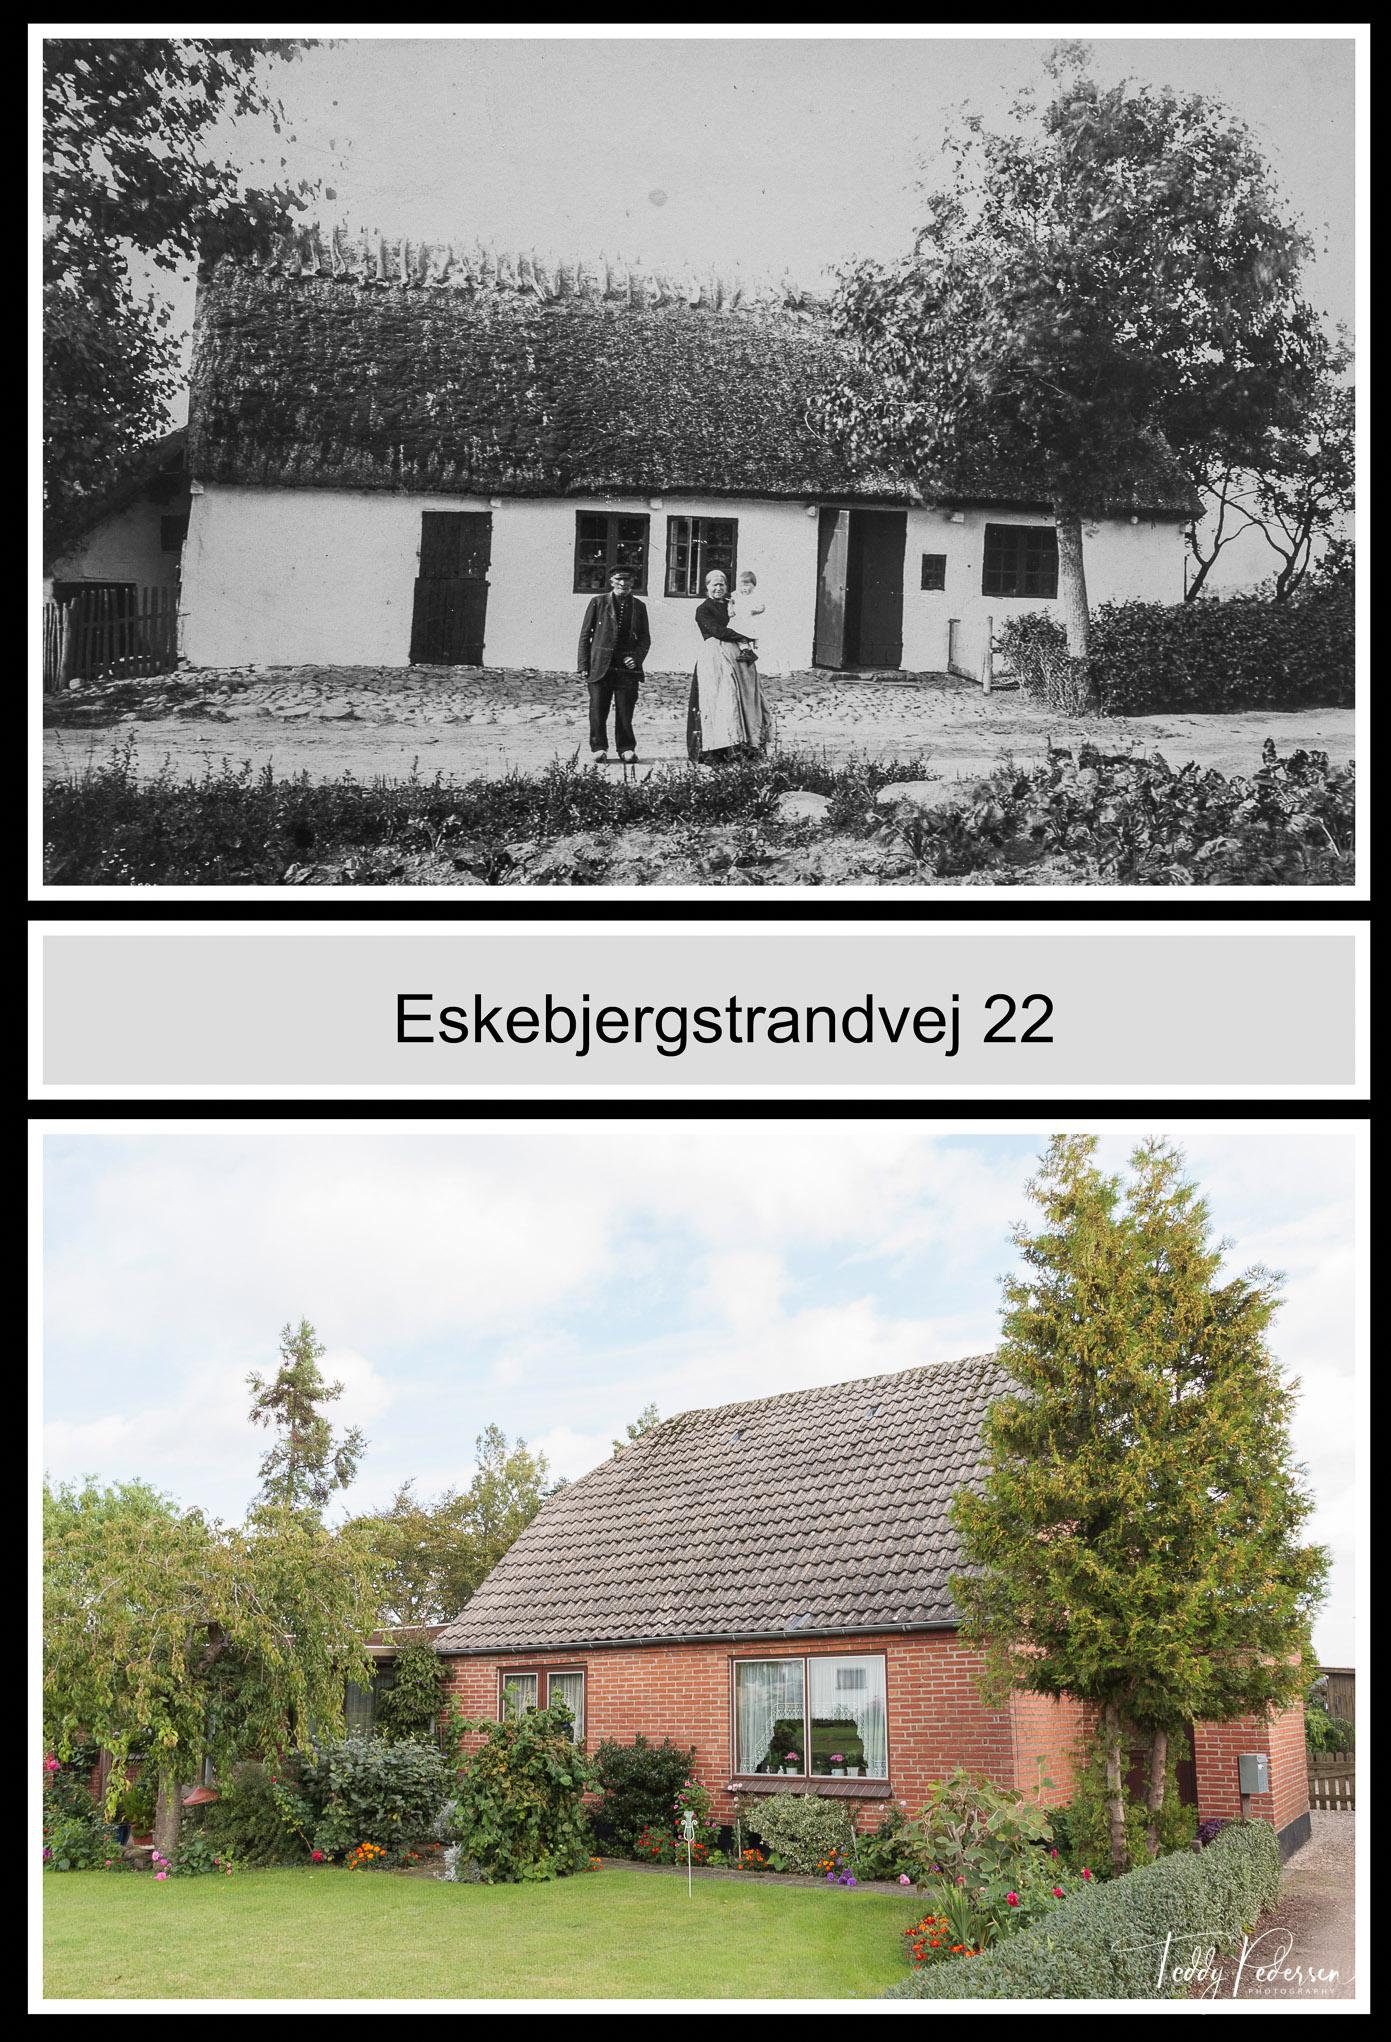 028-002-Strandvejen-22_HighRes_LowRes